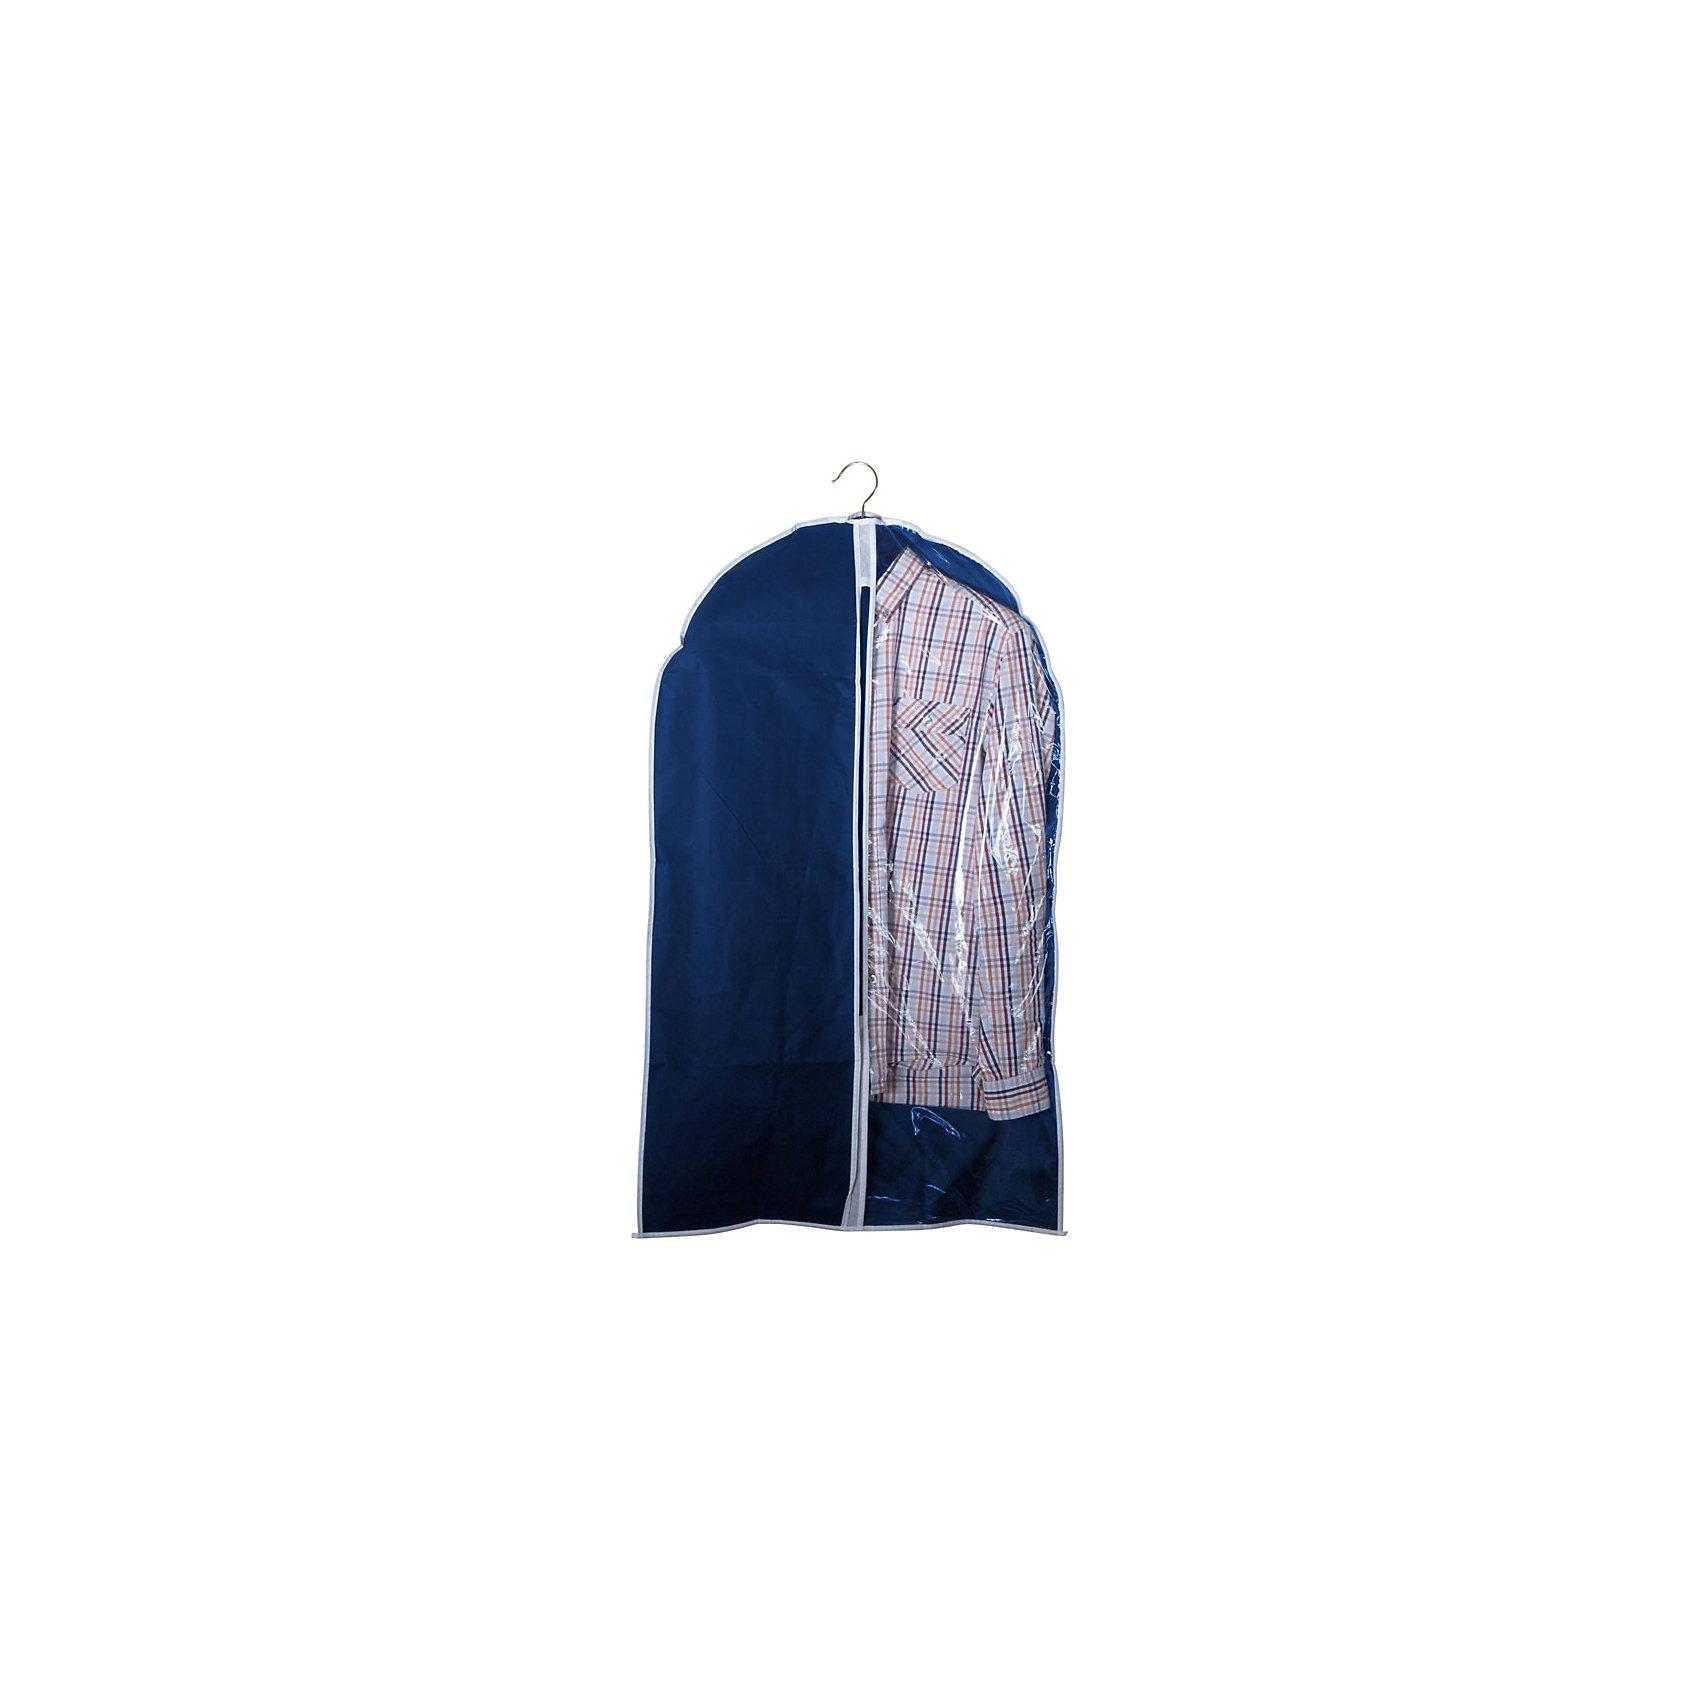 Чехол для одежды подвесной GCN-60*100, нетканка, 60*100см, Рыжий Кот, синийОрганайзеры для одежды<br>Подвесной чехол для одежды надежно защищает ваши вещи от насекомых, моли, влаги и пыли. Материал не электризуется. Прозрачное окошко для удобства. Дышаший материал идеально подходит для хранения изделий из кожи и меха. Застегивается на молнию. Для подвешивания в шкафу используется крючок.<br><br>Дополнительная информация:<br><br>Размер чехла: 60х100 см<br>Материал: 100% полипропилен (спанбонд), ПВХ<br>Плотность: спандбонд: 75gsm, пвх: 0,08мм<br><br>Чехол для одежды подвесной GCN-60*100, нетканка, 60*100см, Рыжий Кот, синий можно купить в нашем интернет-магазине.<br><br>Ширина мм: 320<br>Глубина мм: 217<br>Высота мм: 25<br>Вес г: 133<br>Возраст от месяцев: 36<br>Возраст до месяцев: 1080<br>Пол: Унисекс<br>Возраст: Детский<br>SKU: 4989817